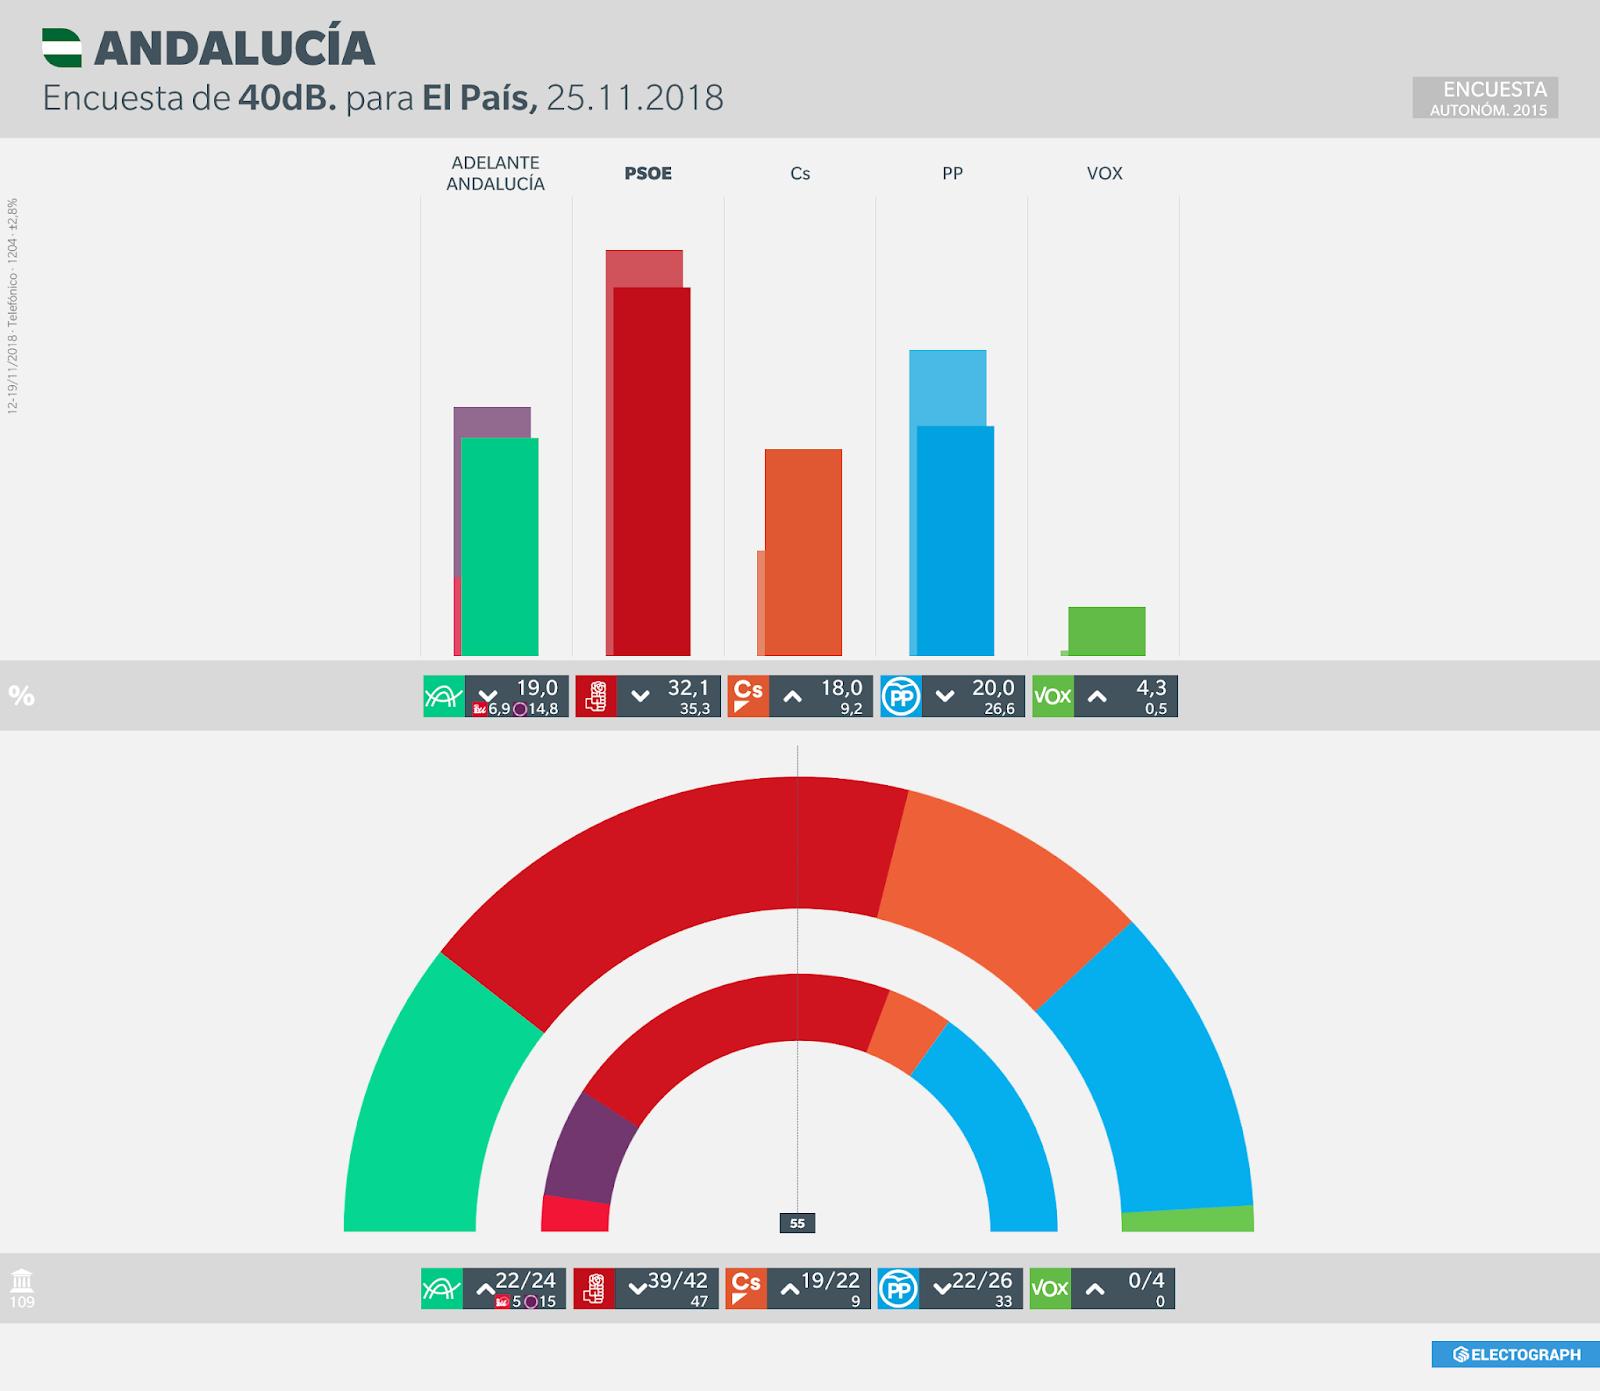 Gráfico de la encuesta para elecciones autonómicas en Andalucía realizada por 40dB. para El País en noviembre de 2018